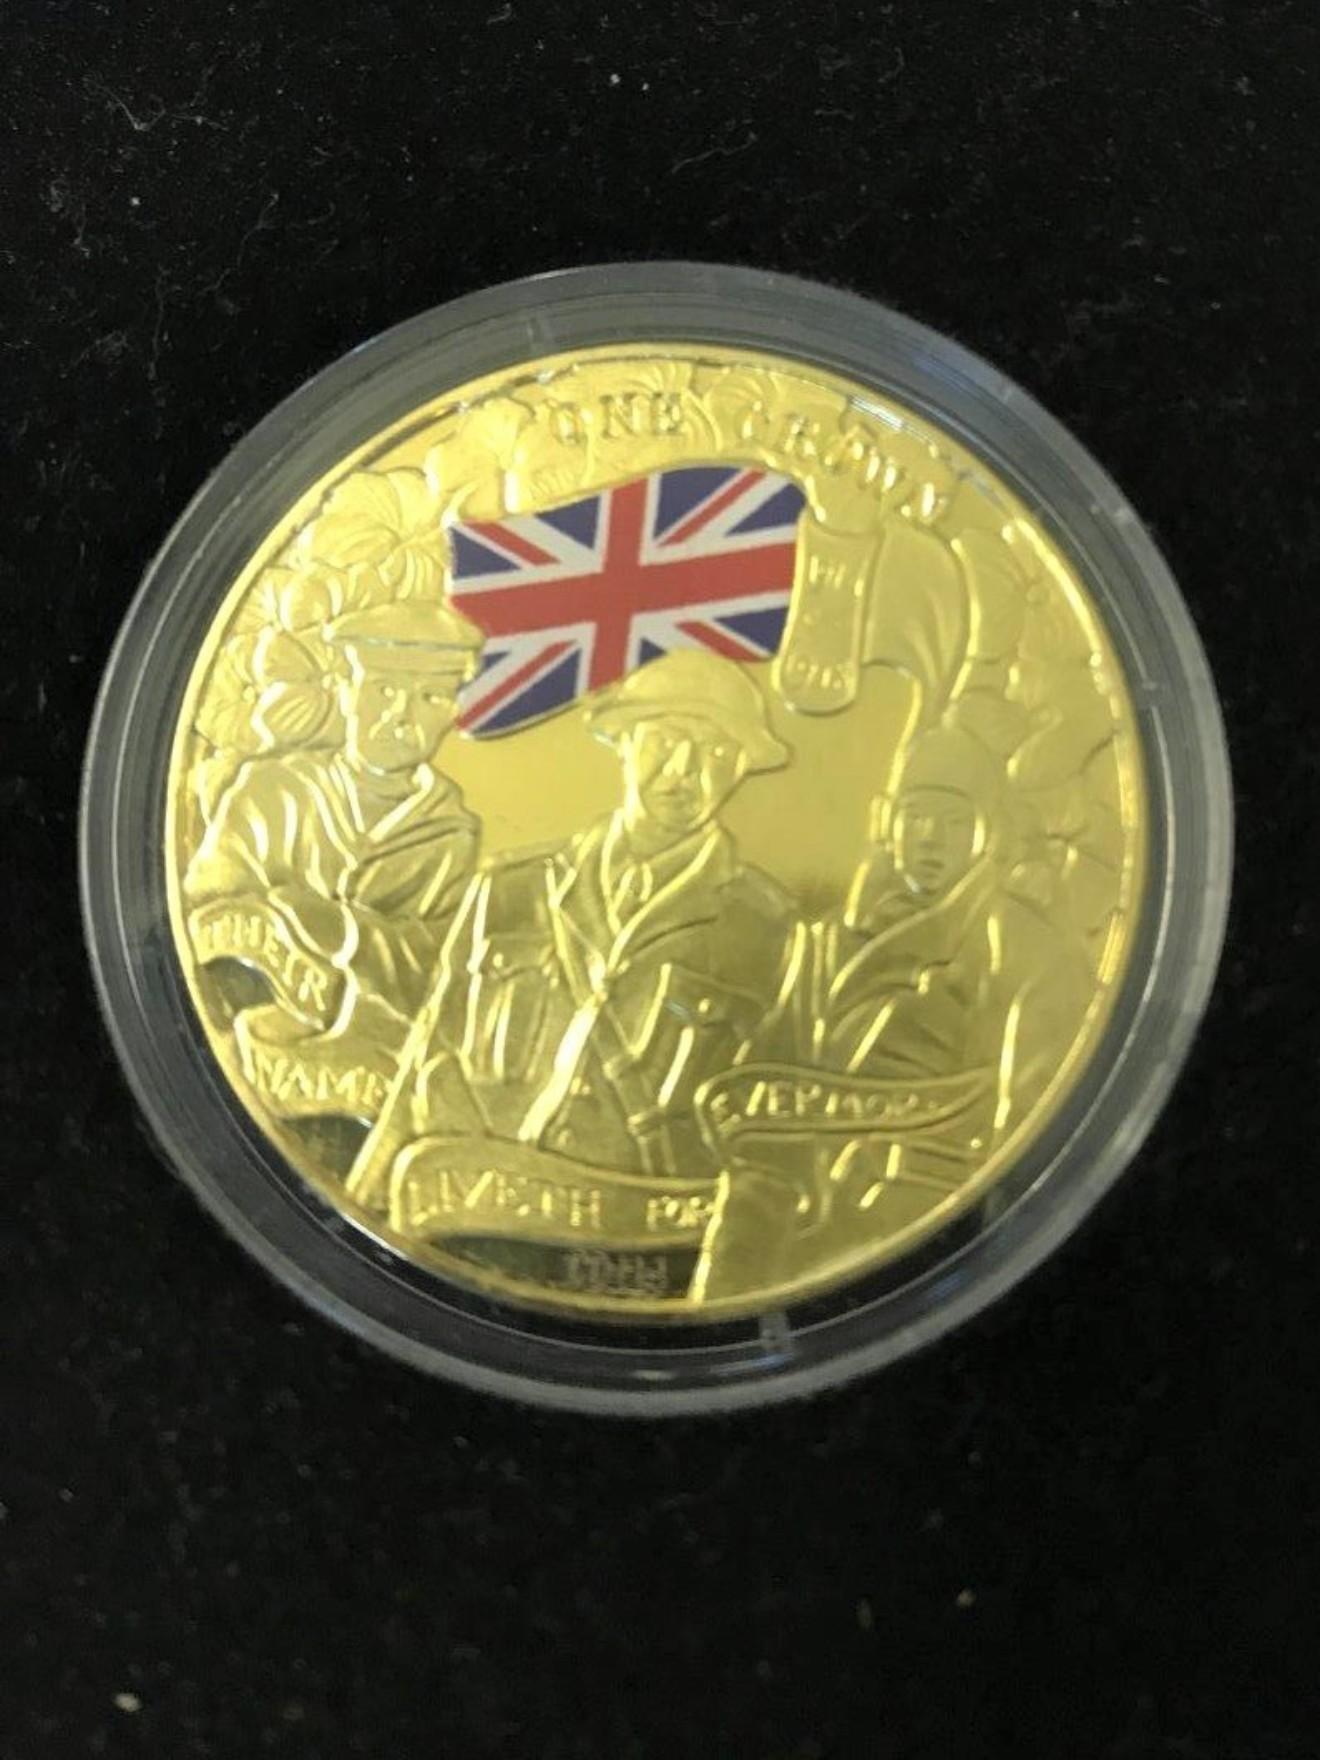 WW1 Centenary Coin